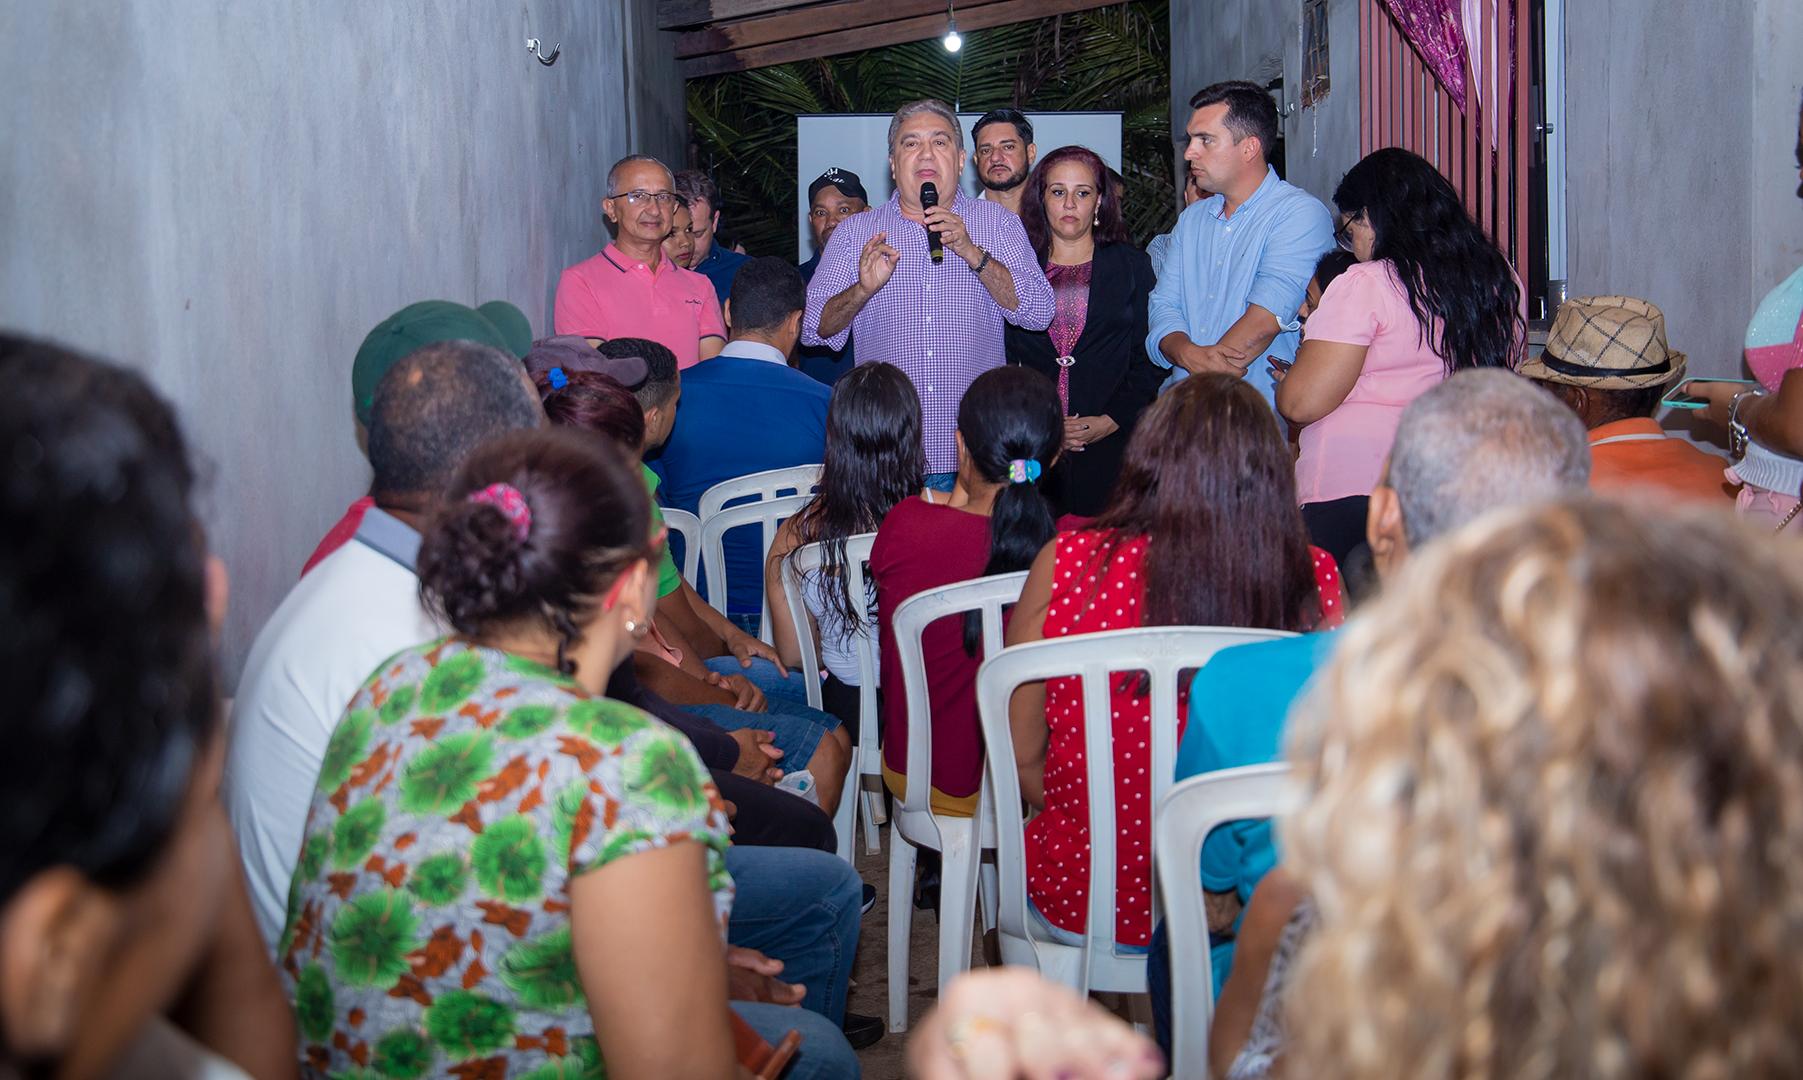 Fotos: Marcos Veloso/Secom